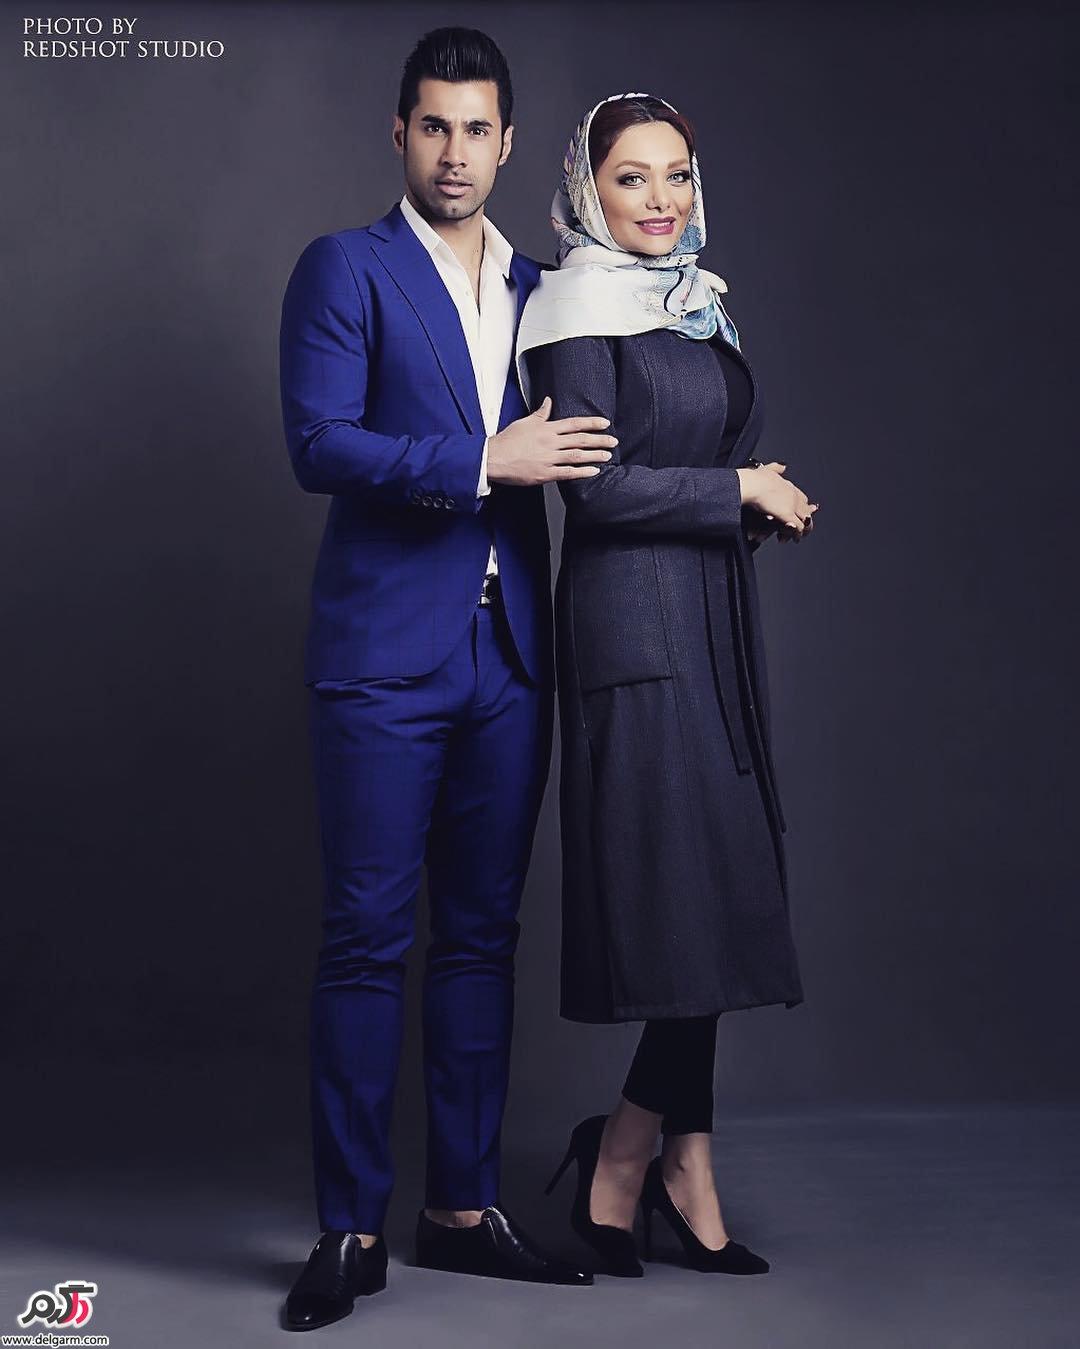 محرومیت محسن فروزان به خاطر عکس های همسرش